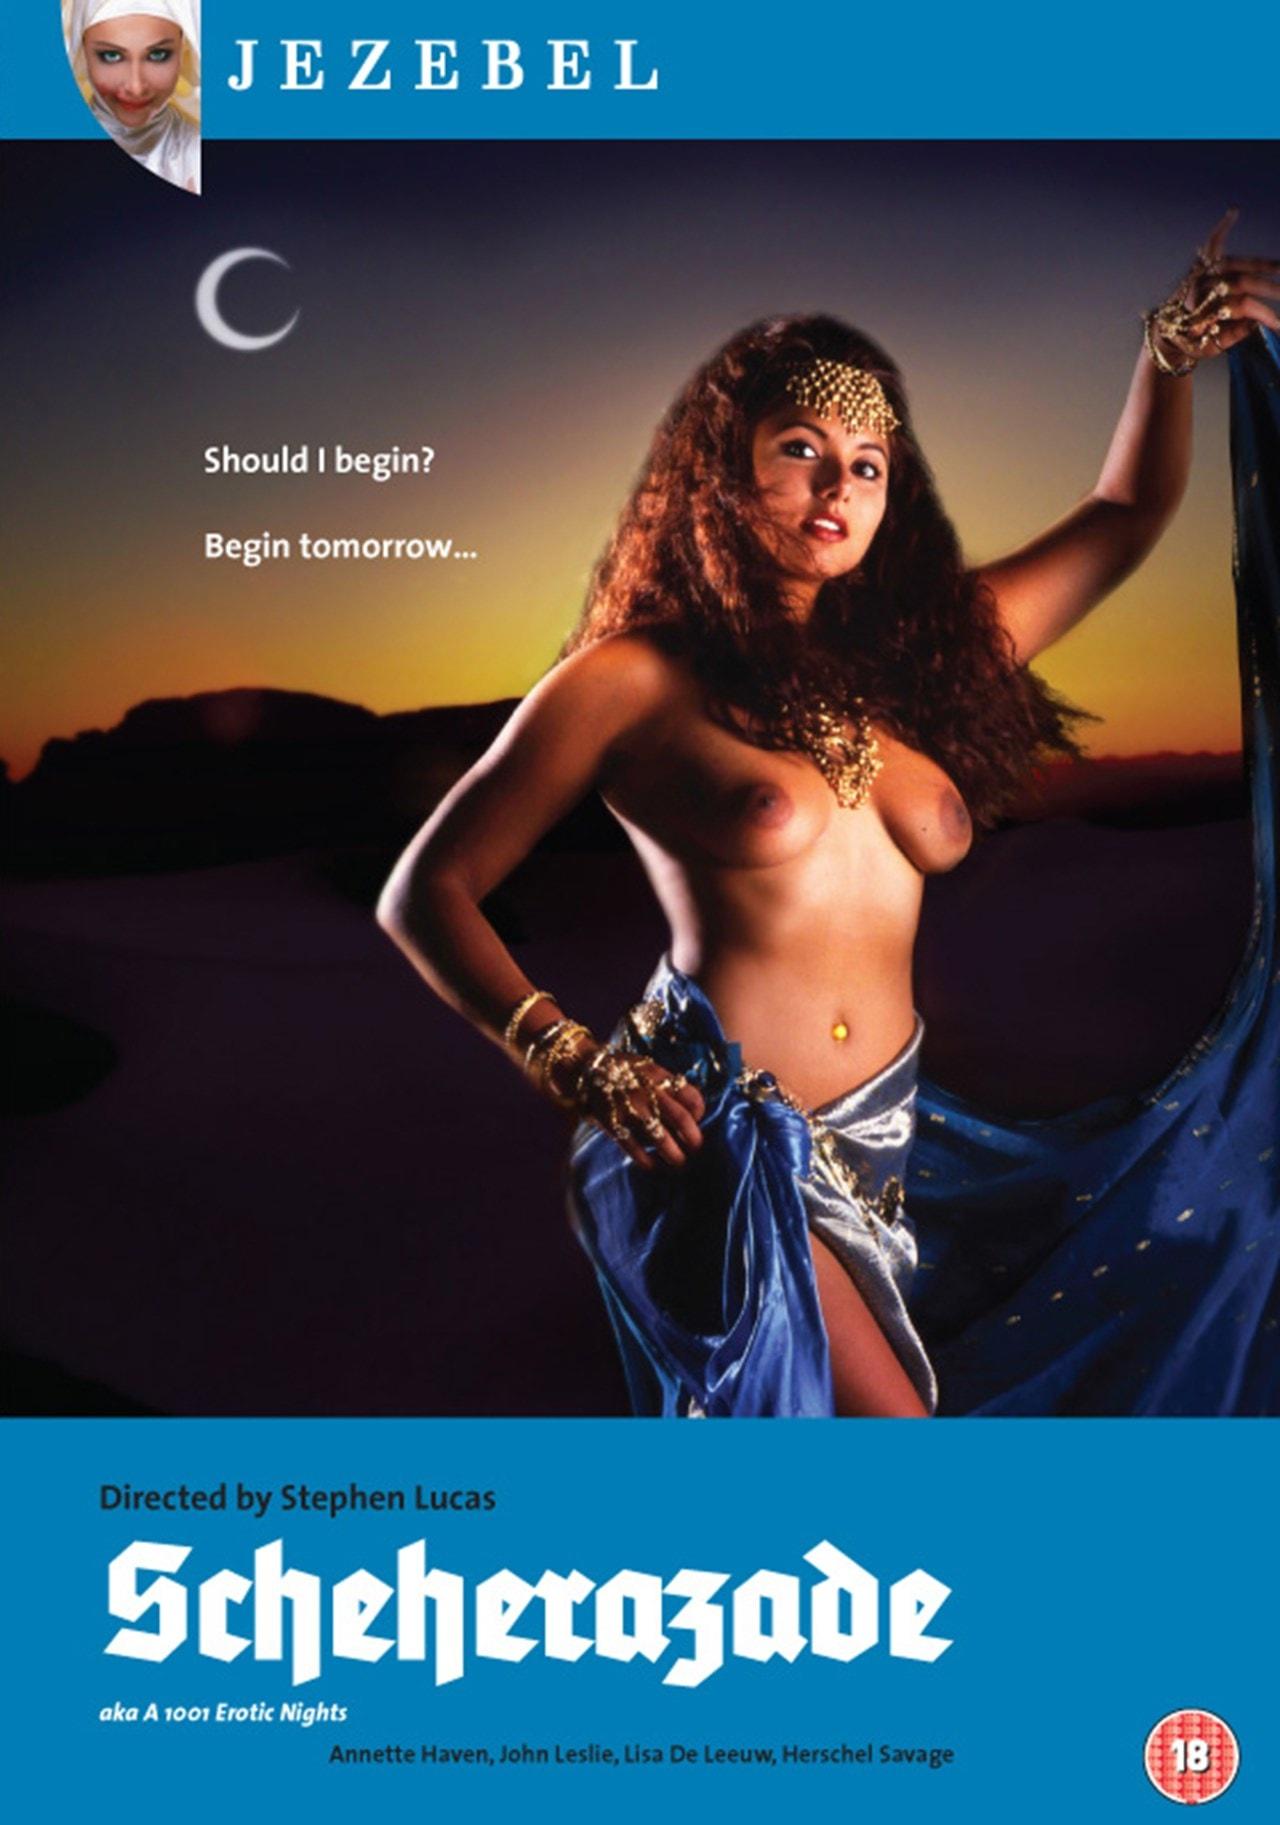 Scheherezade - 1001 Erotic Nights - 1